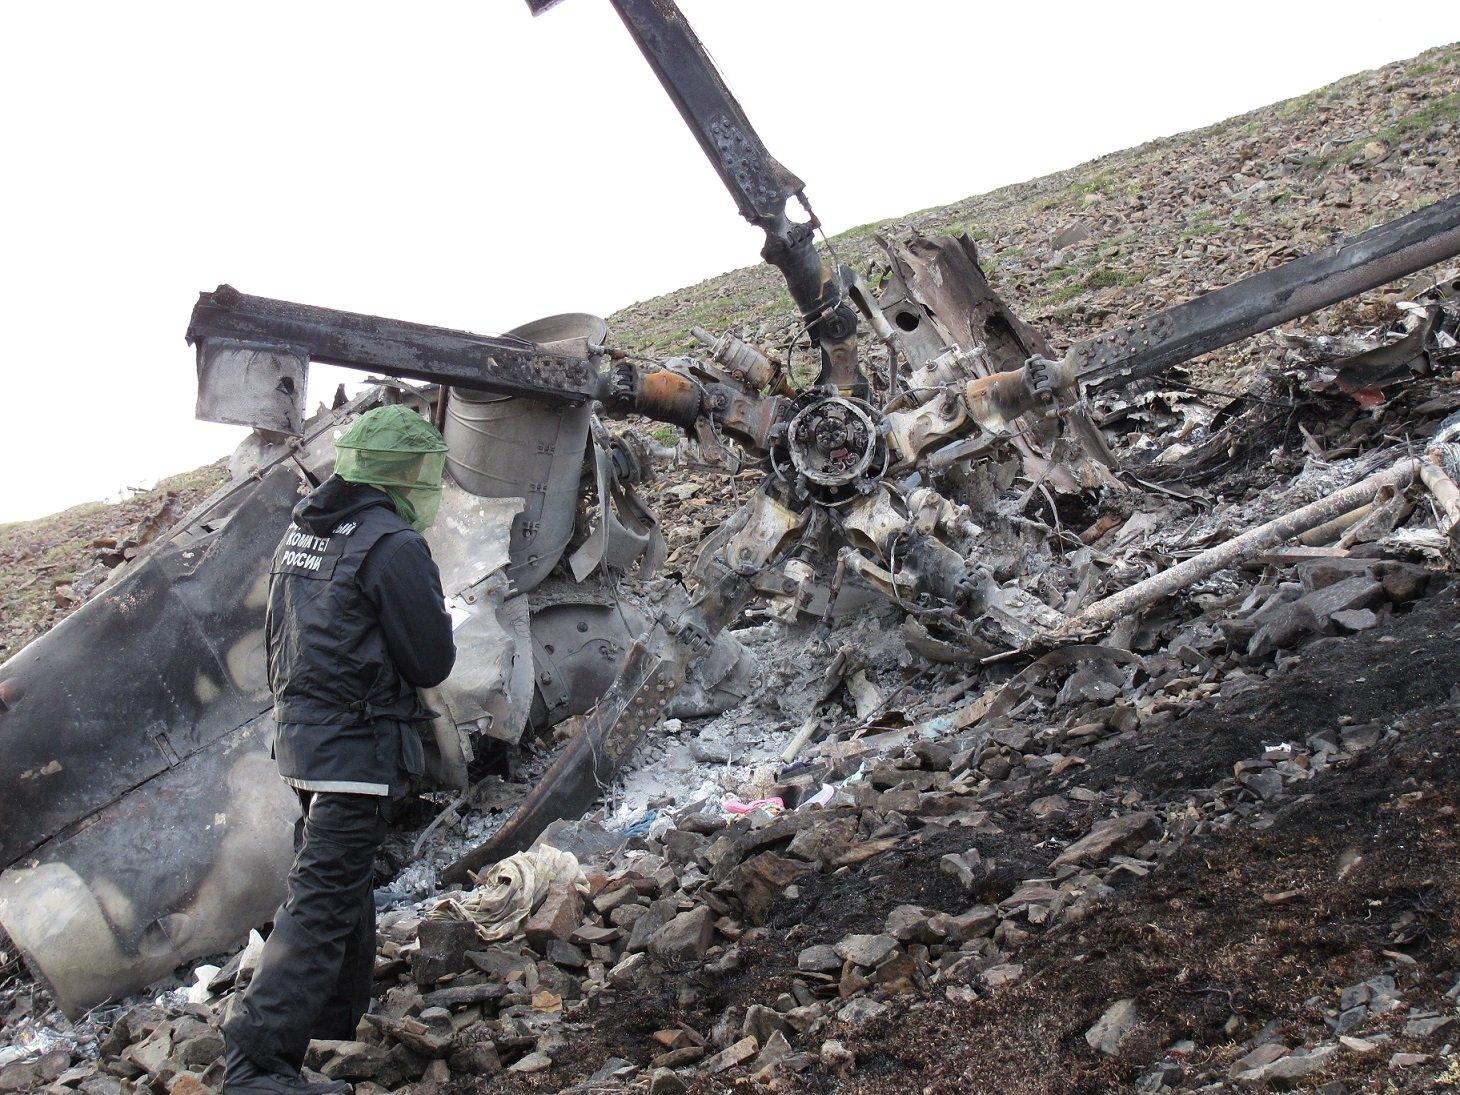 Разведка США зафиксировала на территории Сирии российские вертолеты, - Reuters - Цензор.НЕТ 4460